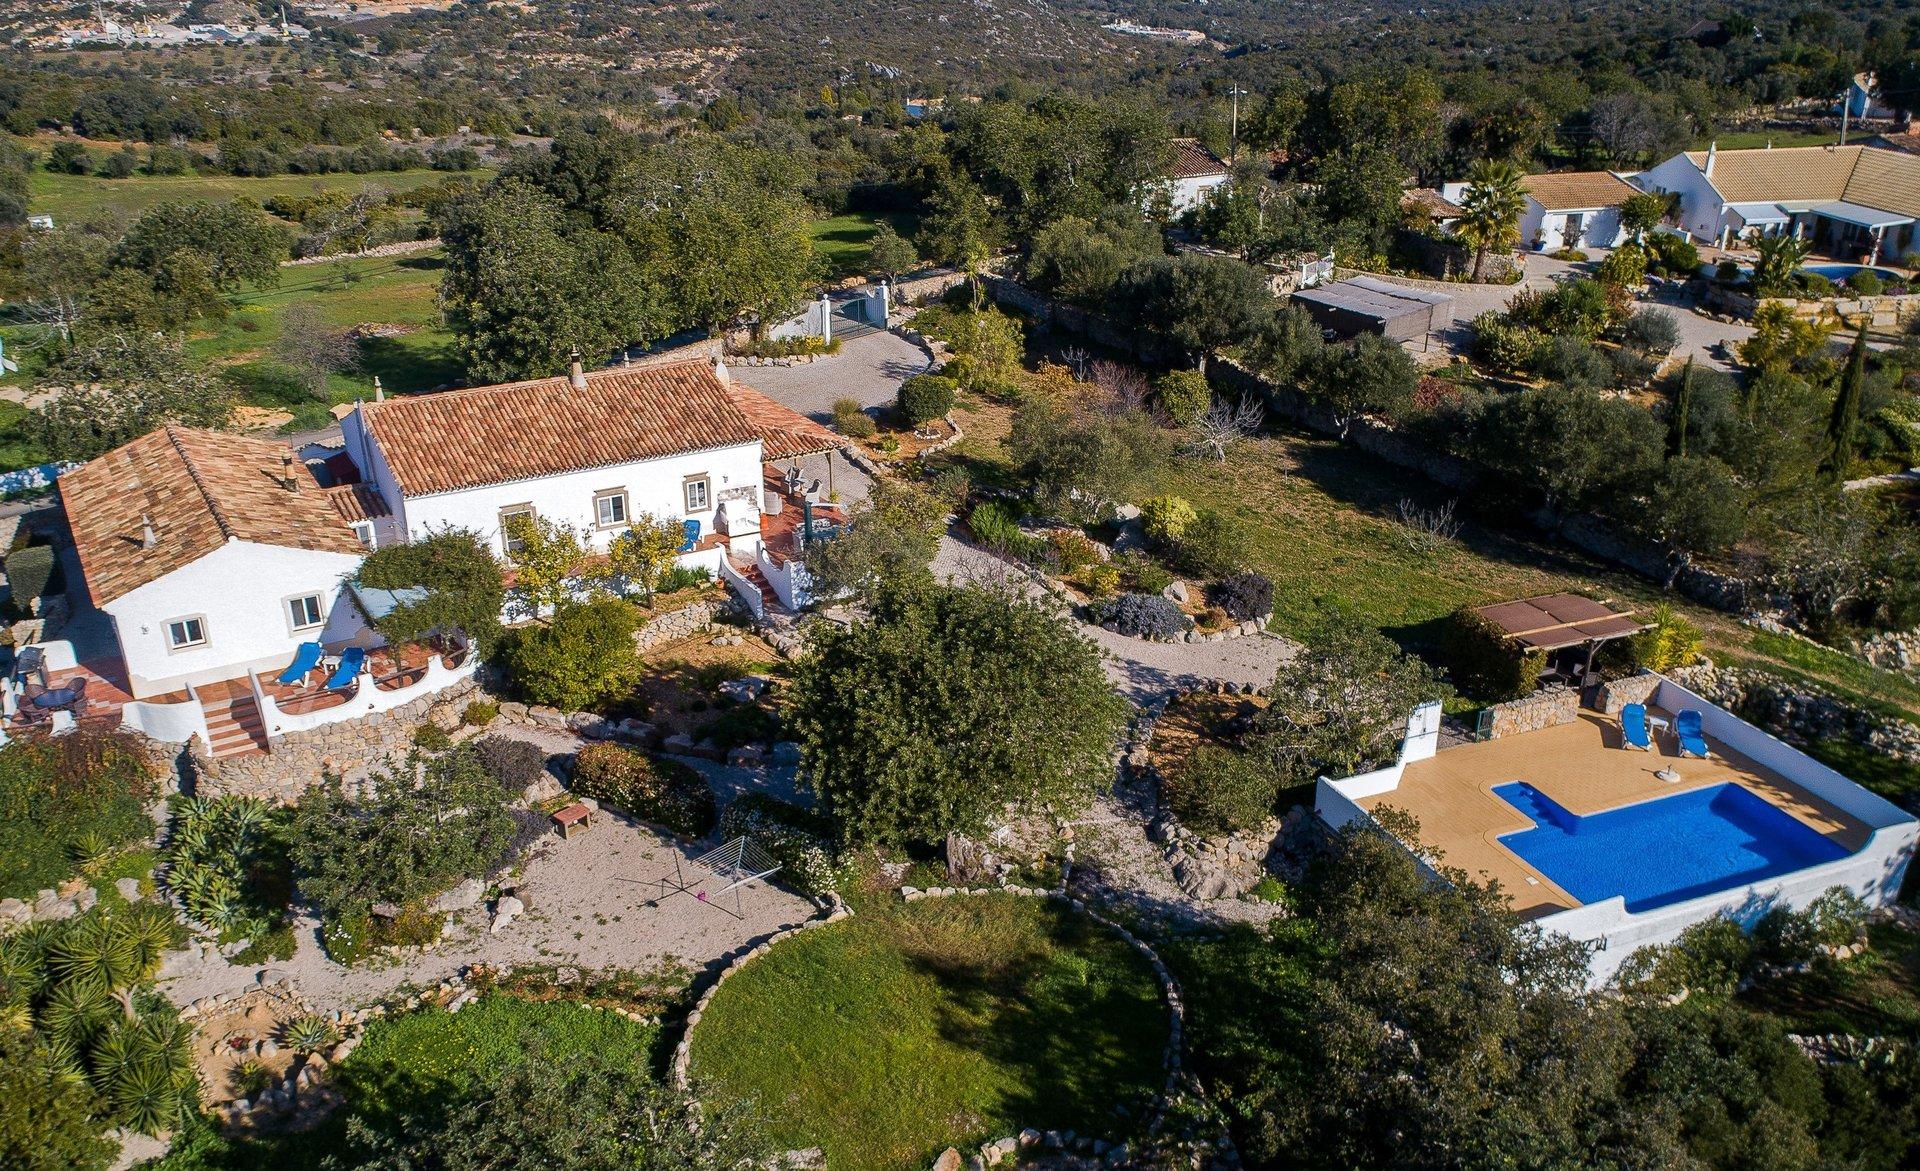 4 Bedroom Villa Sao Bras de Alportel, Central Algarve Ref: JV10407